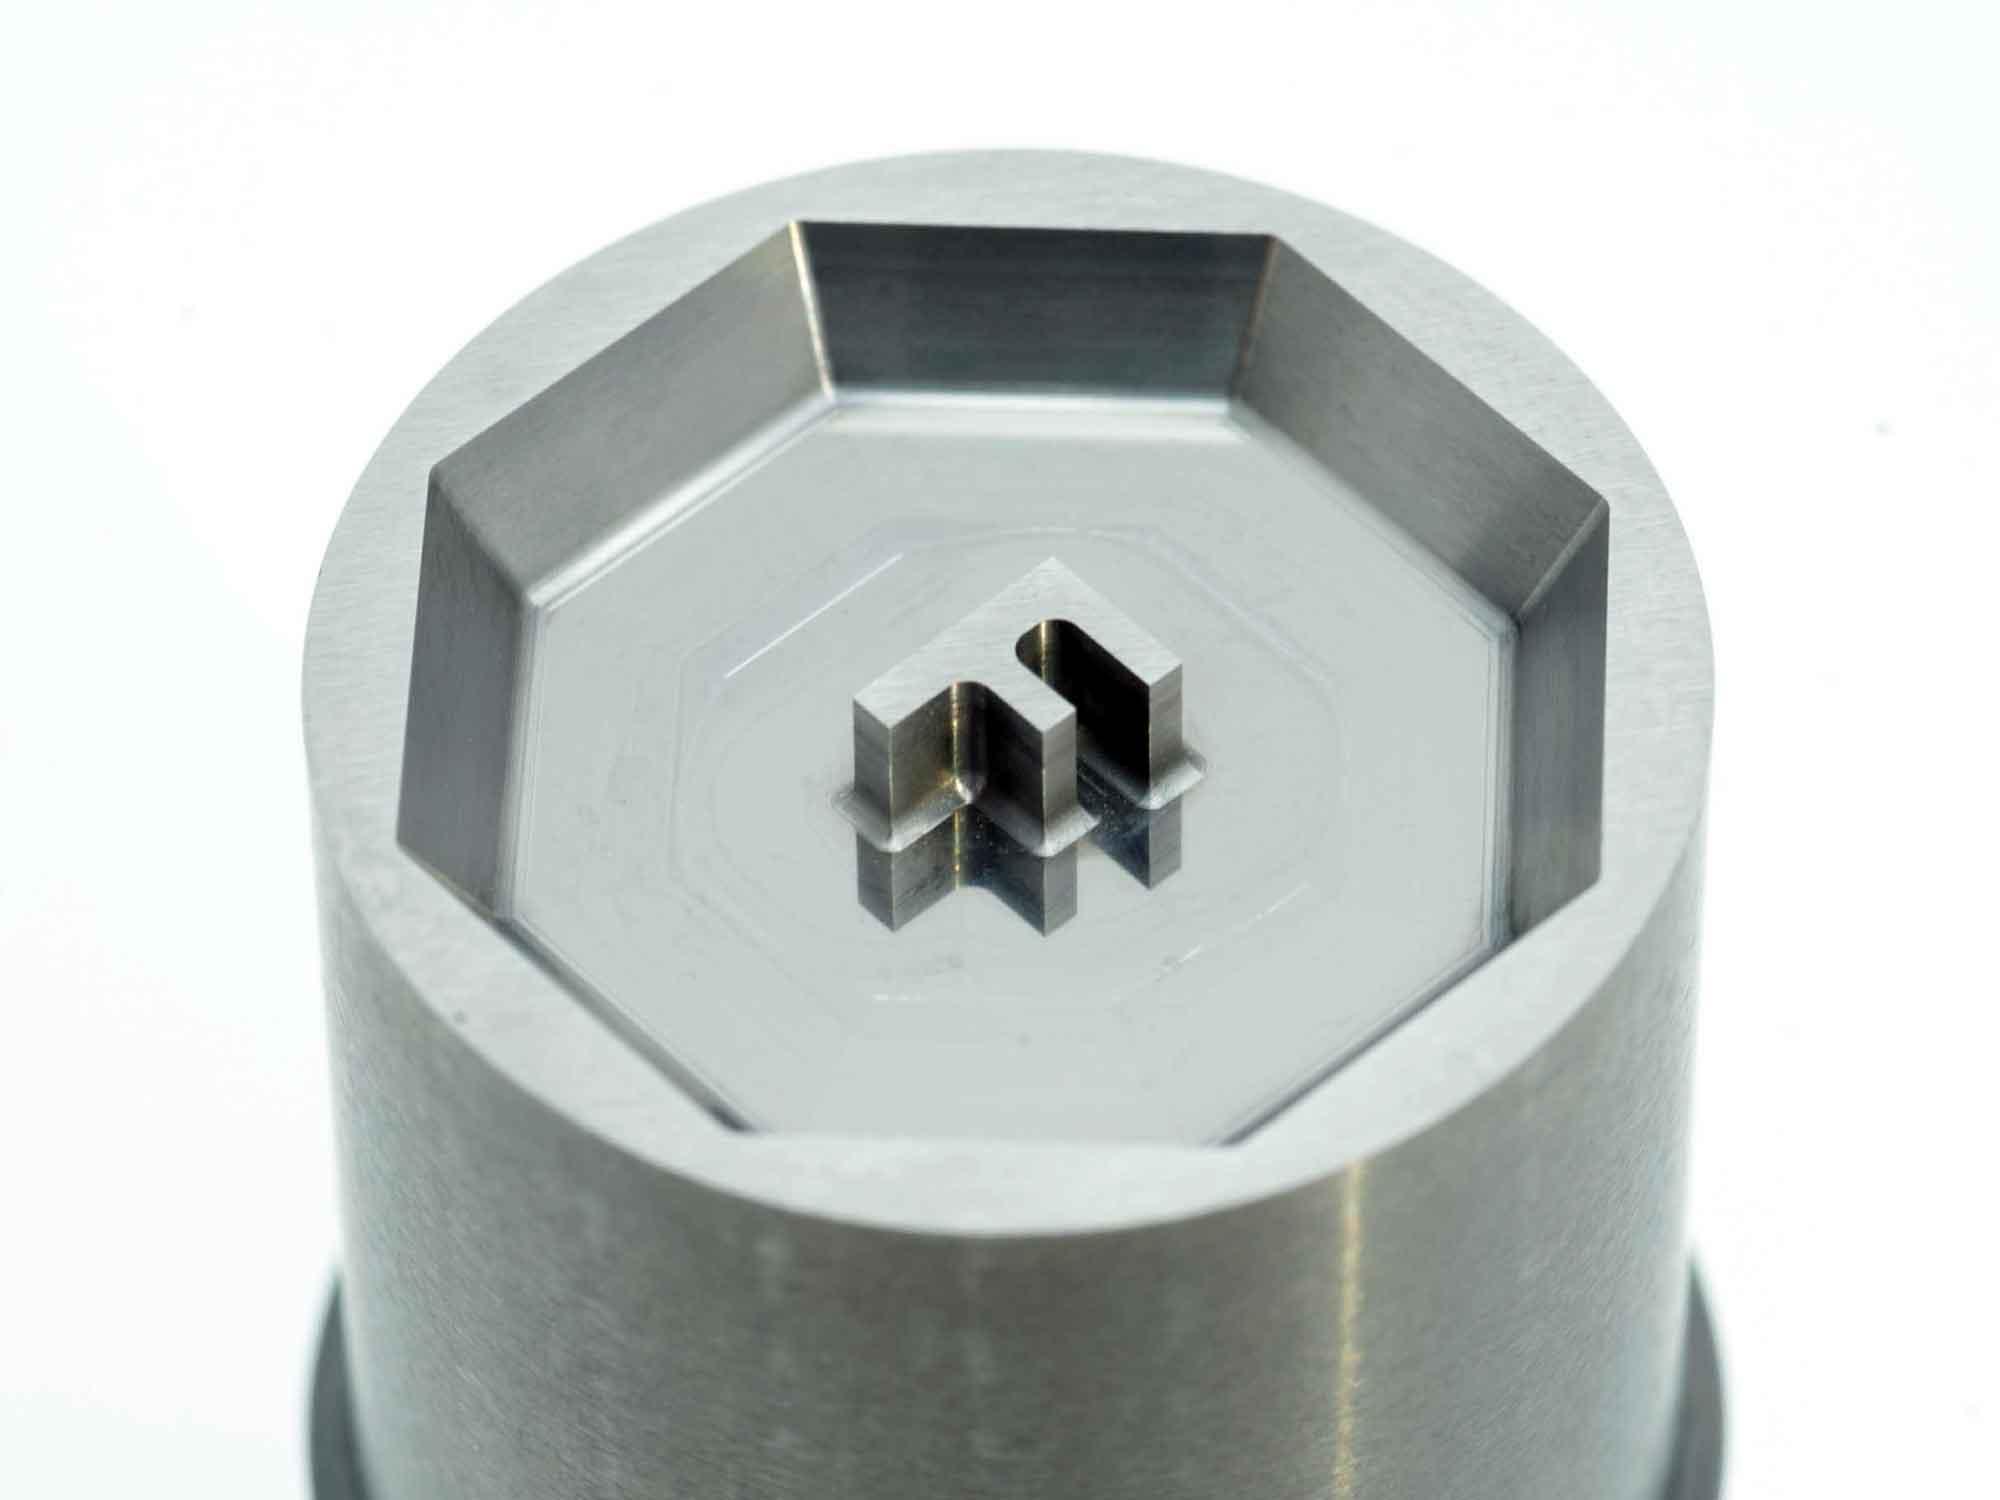 超硬金属に切削のみで斜め面を鏡面仕上げし「F」が映り込む様に加工